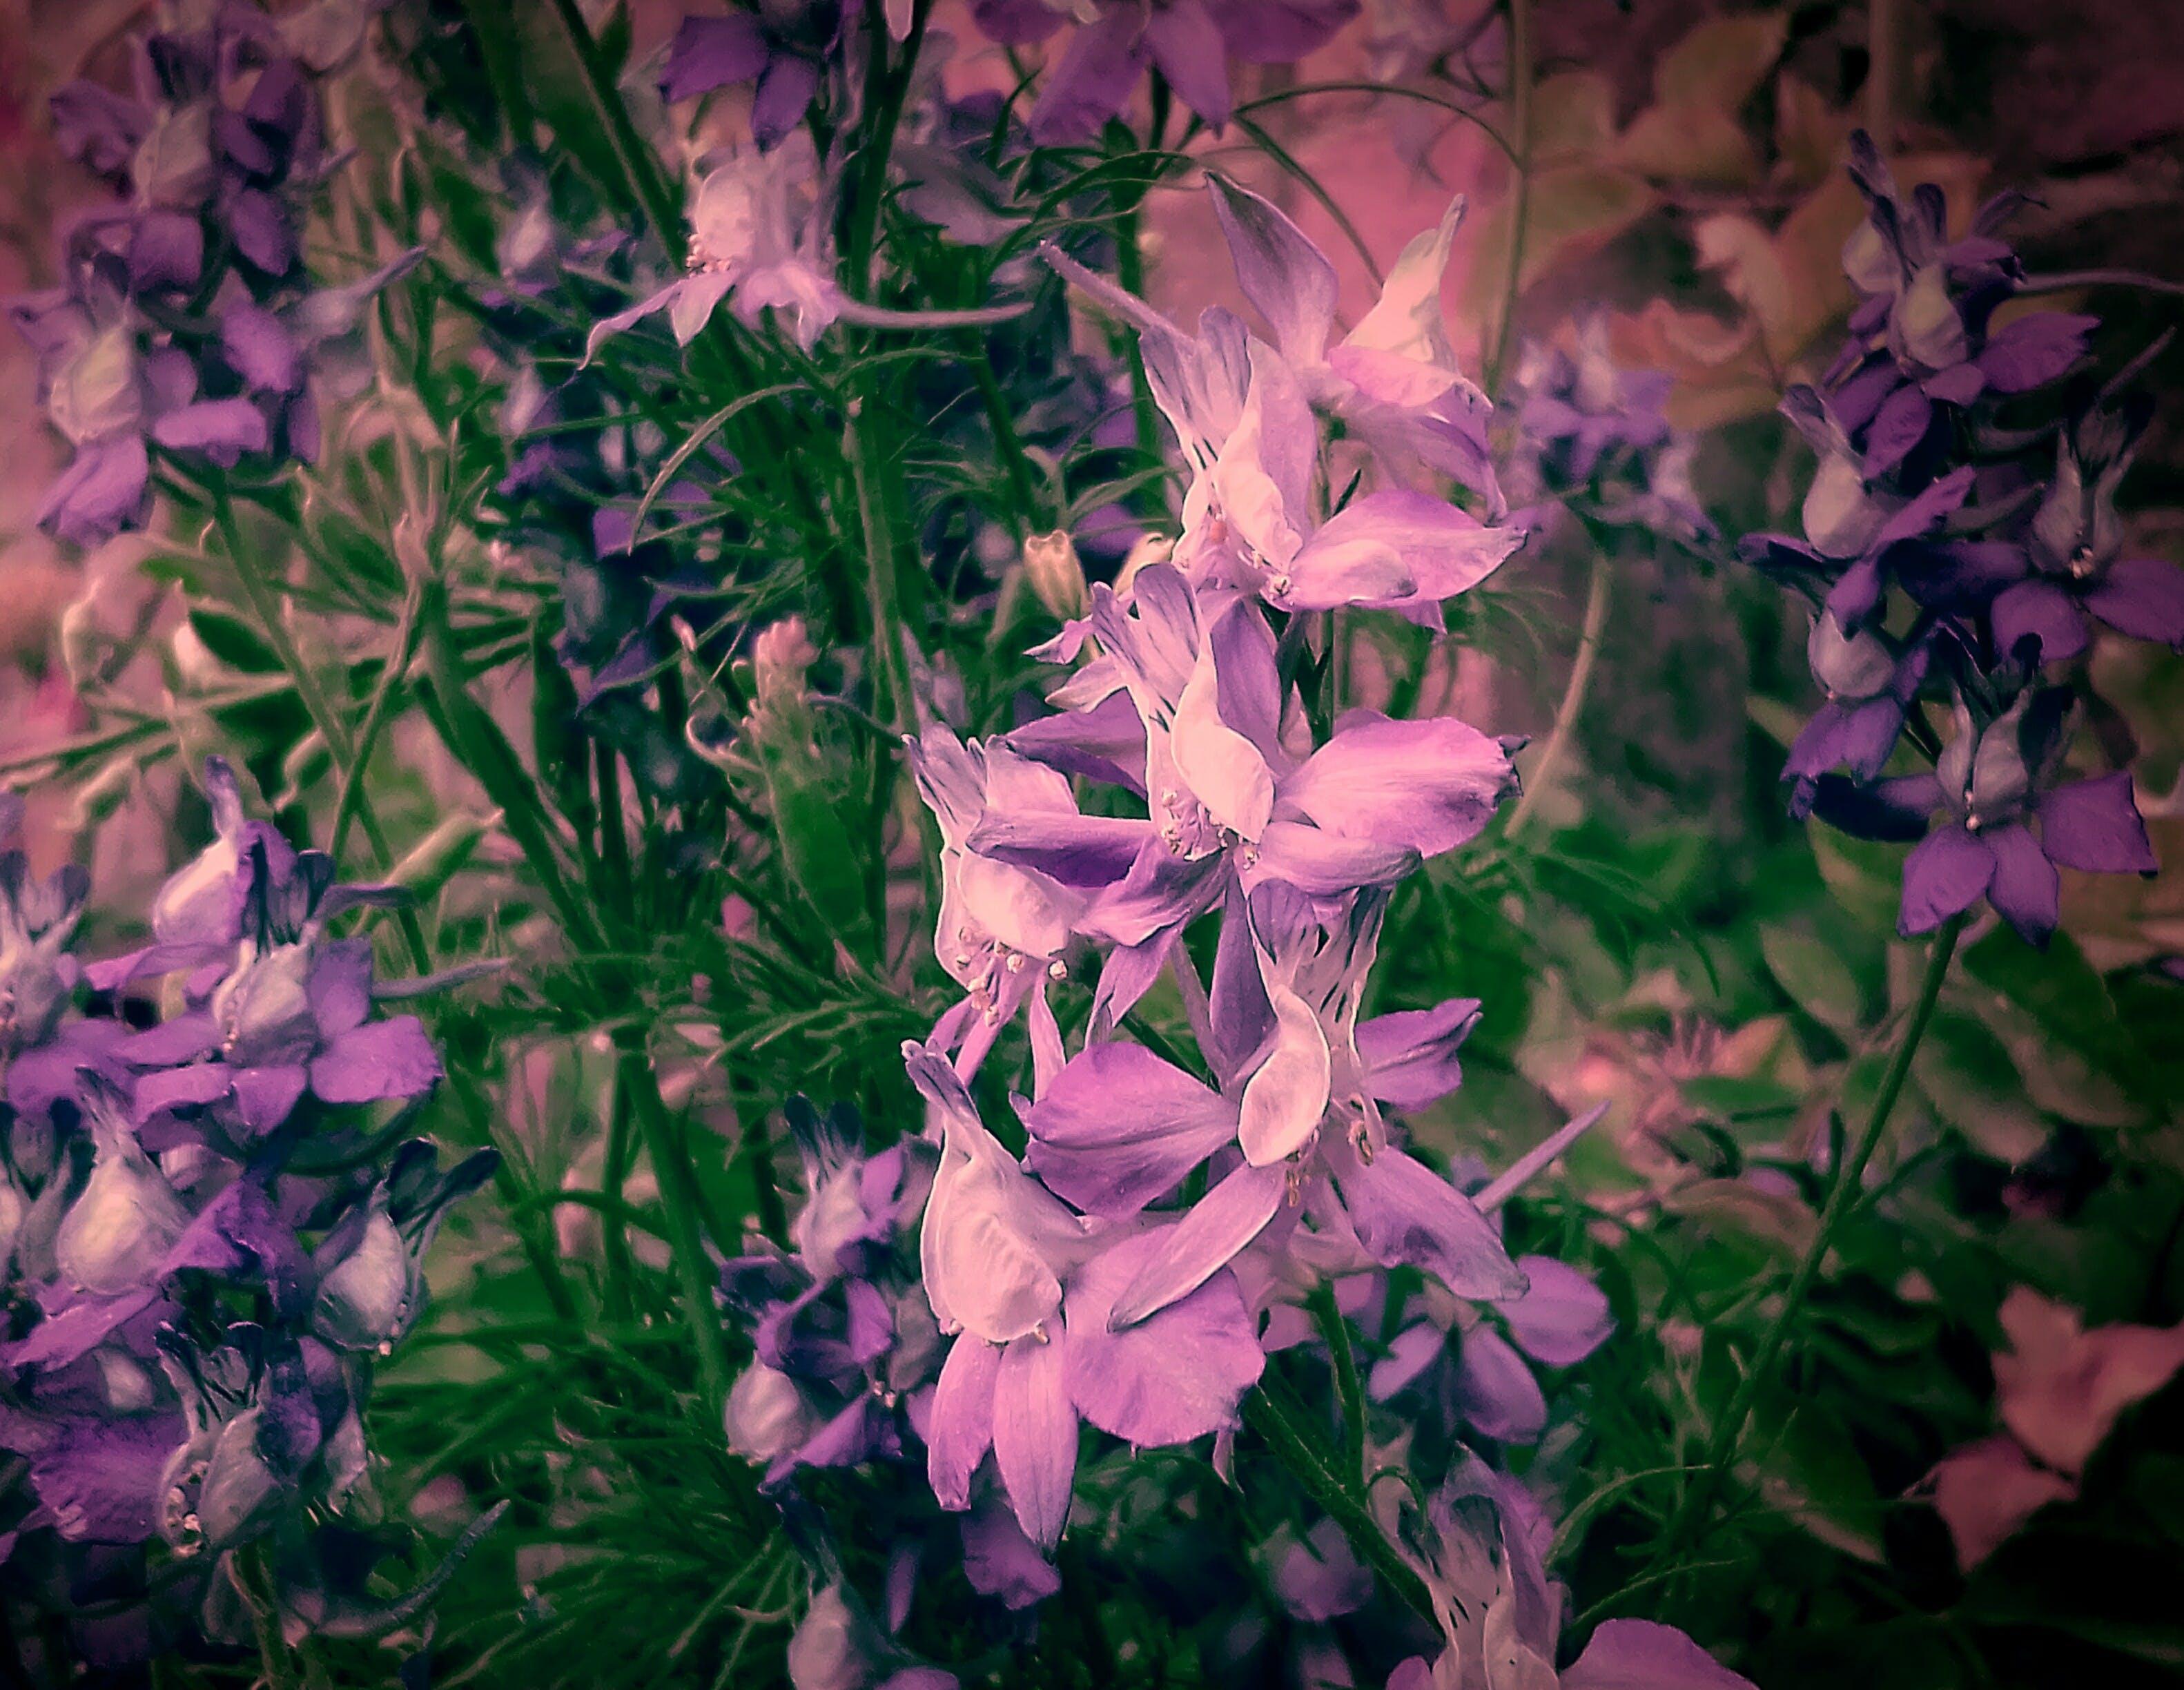 Gratis lagerfoto af 4k-baggrund, android-baggrun, baggrundsbillede, blomst